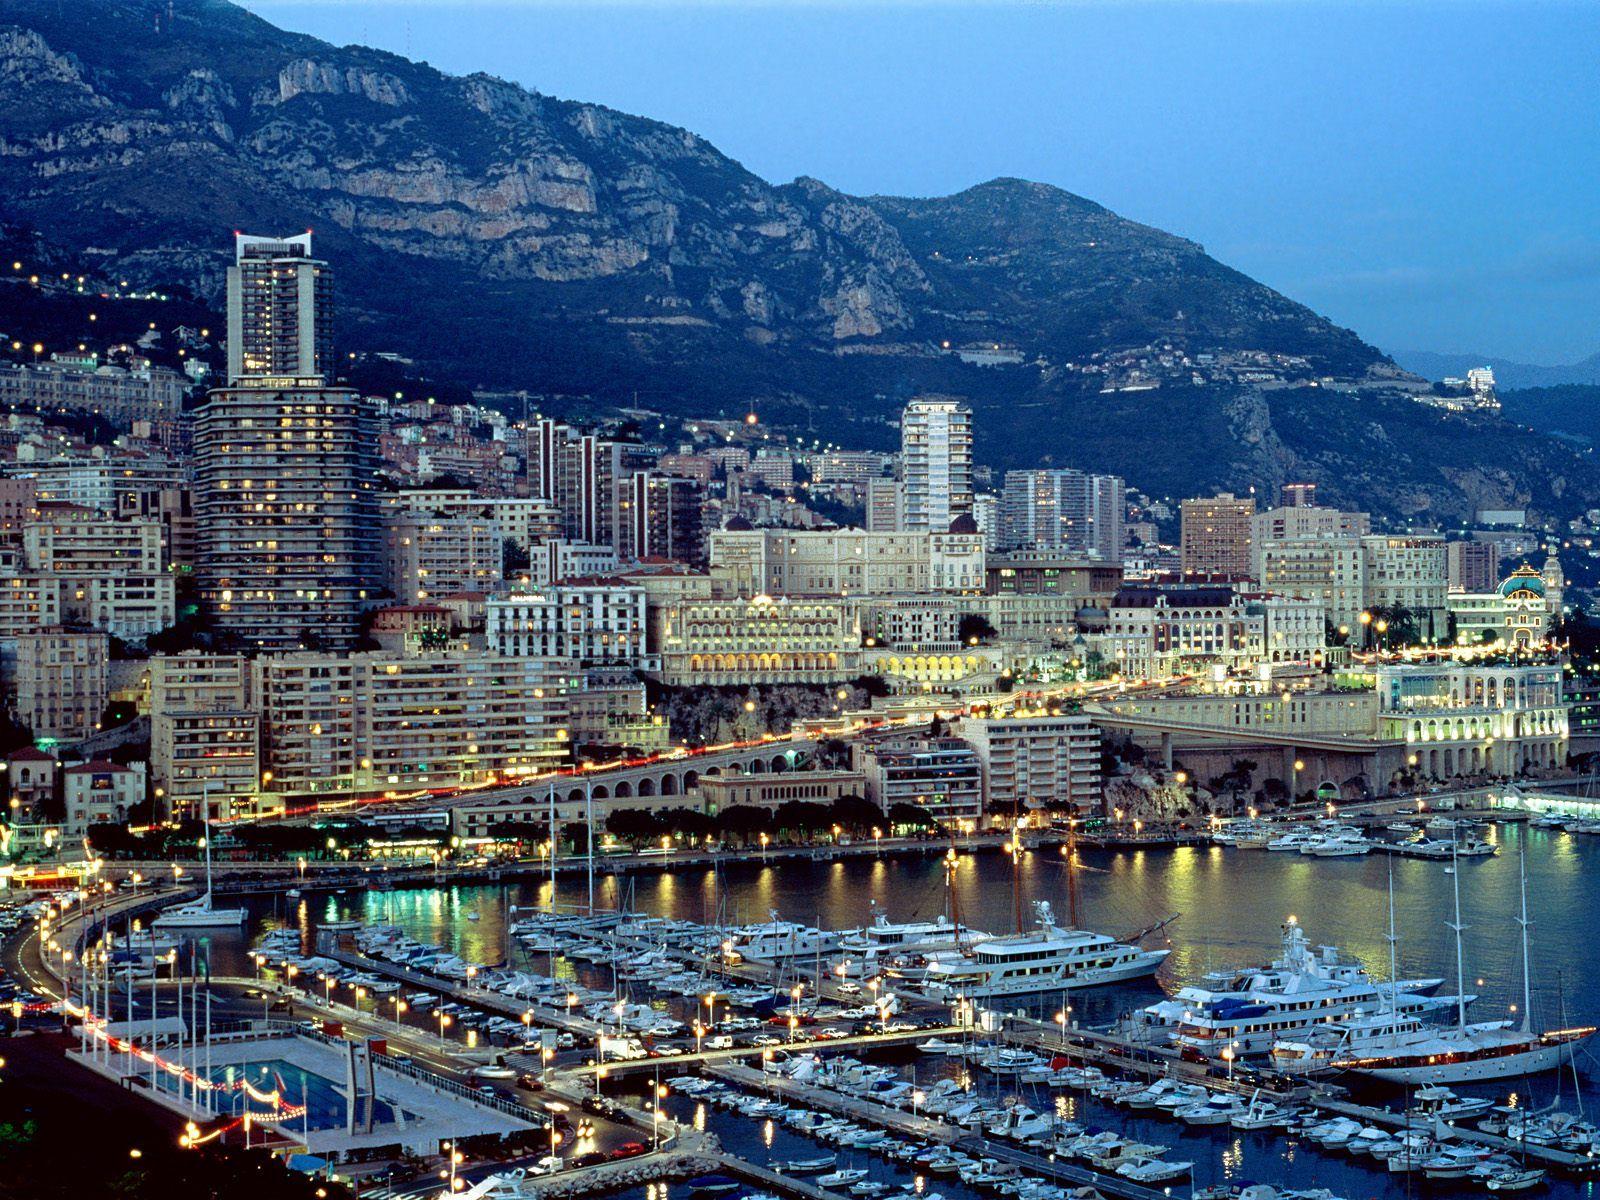 foto principato di monaco | Home - Wallpapers / Photographs - Locality - Monte Carlo (Monaco)